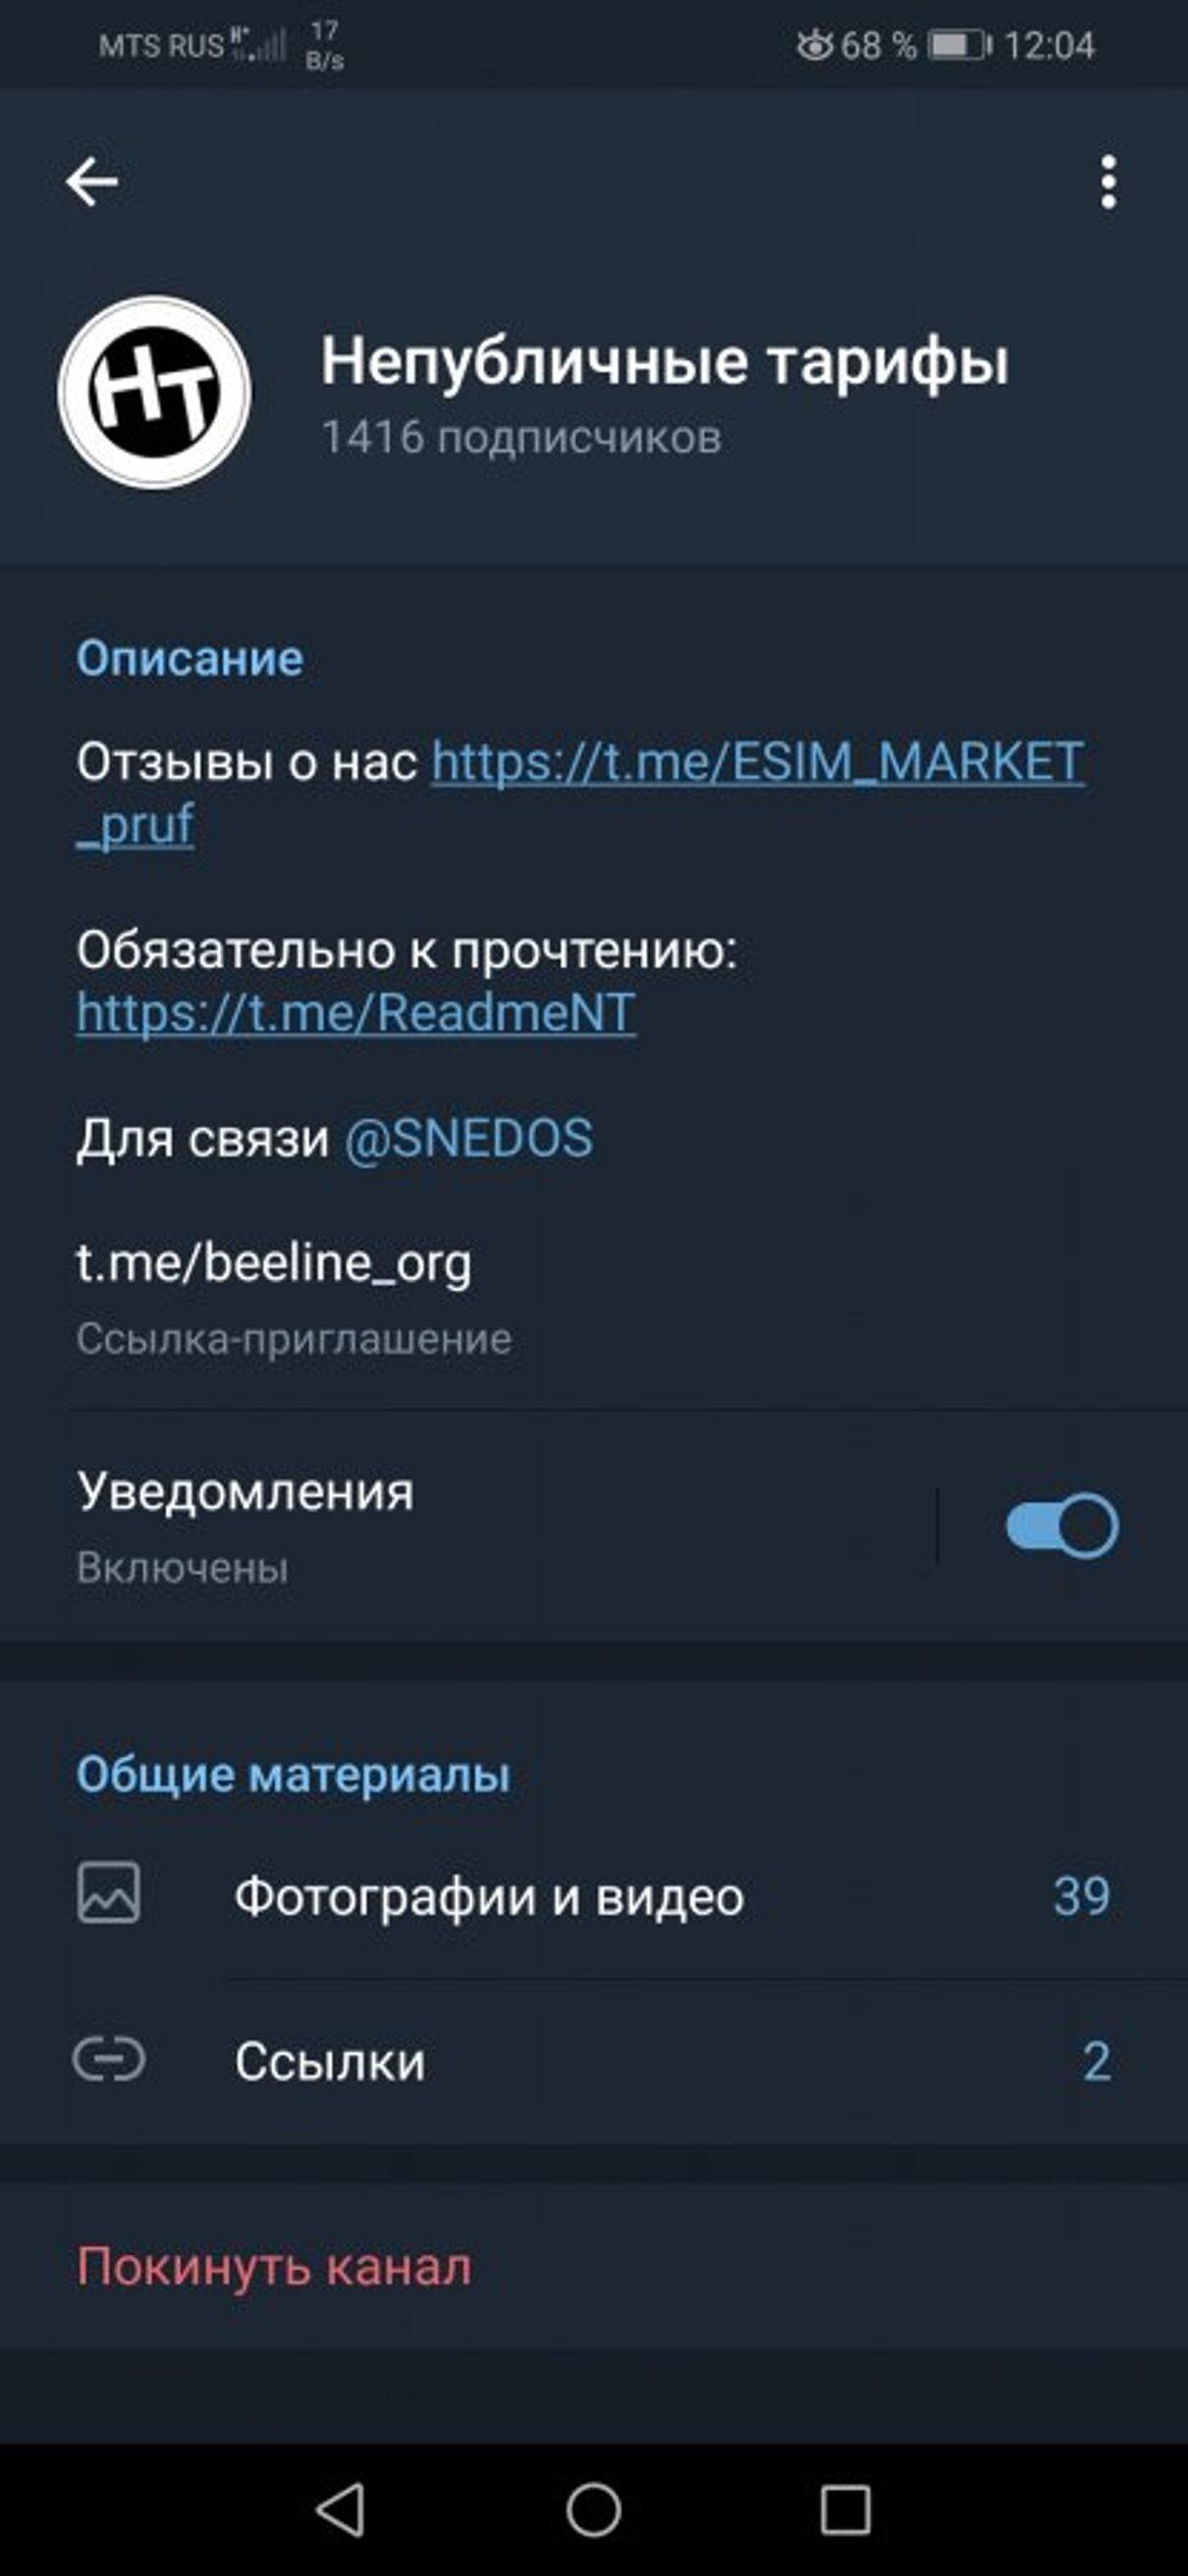 Жалоба-отзыв: Телеграм канал Непубличные тарифы, @SNEDOS, @beeline_ORG - Осторожно телеграм мошенники!.  Фото №2